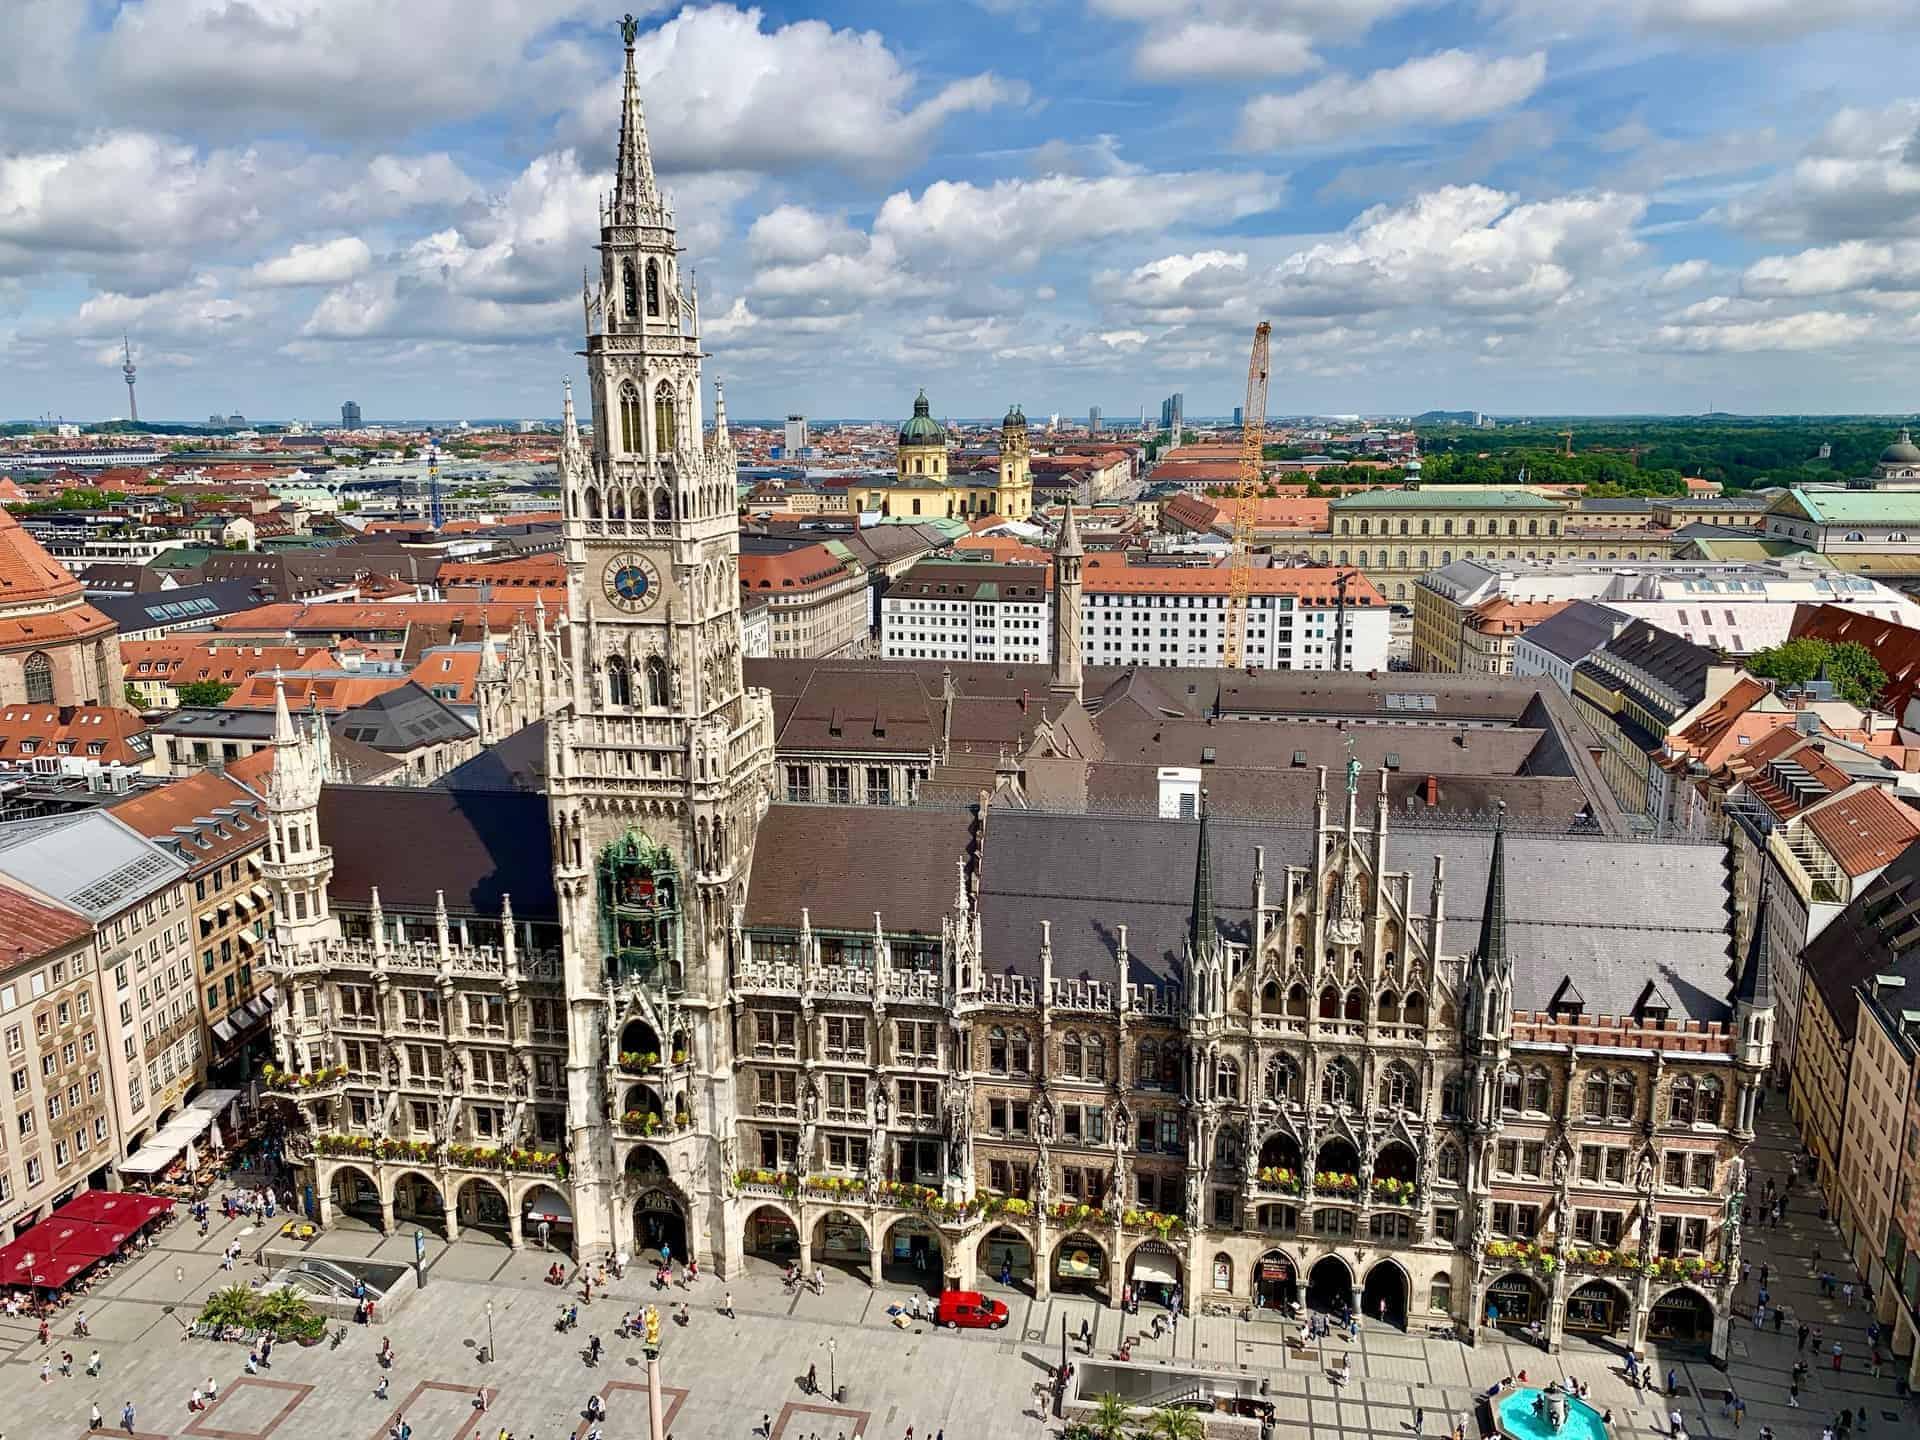 München_Marienplatz_Frauenkirche_und_neues_Rathaus